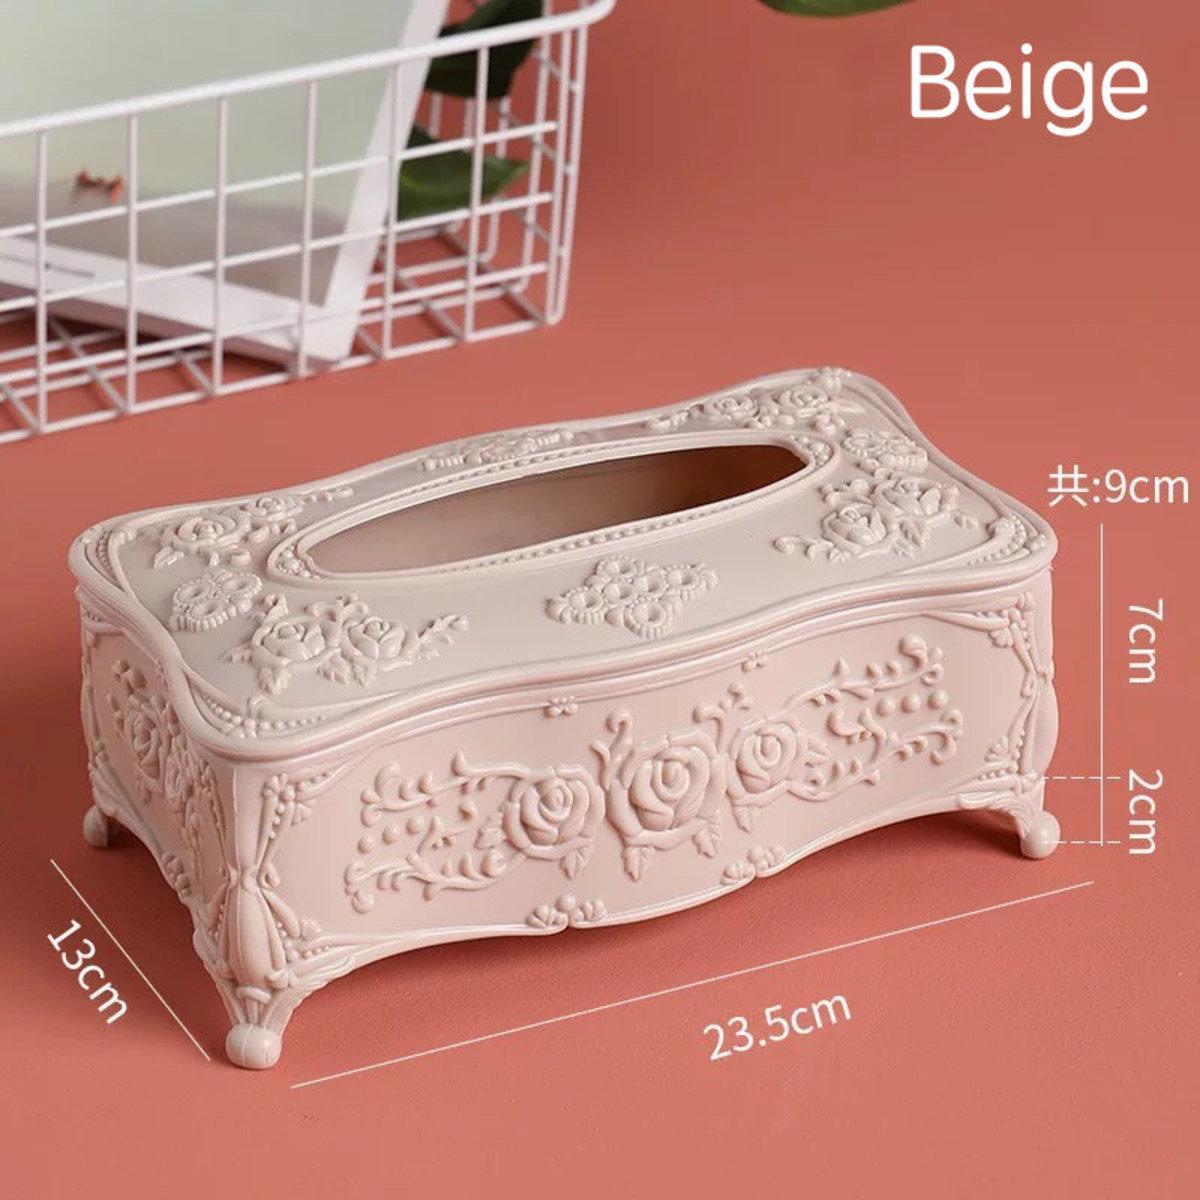 Plastic Storage & Tissue Box - Beige